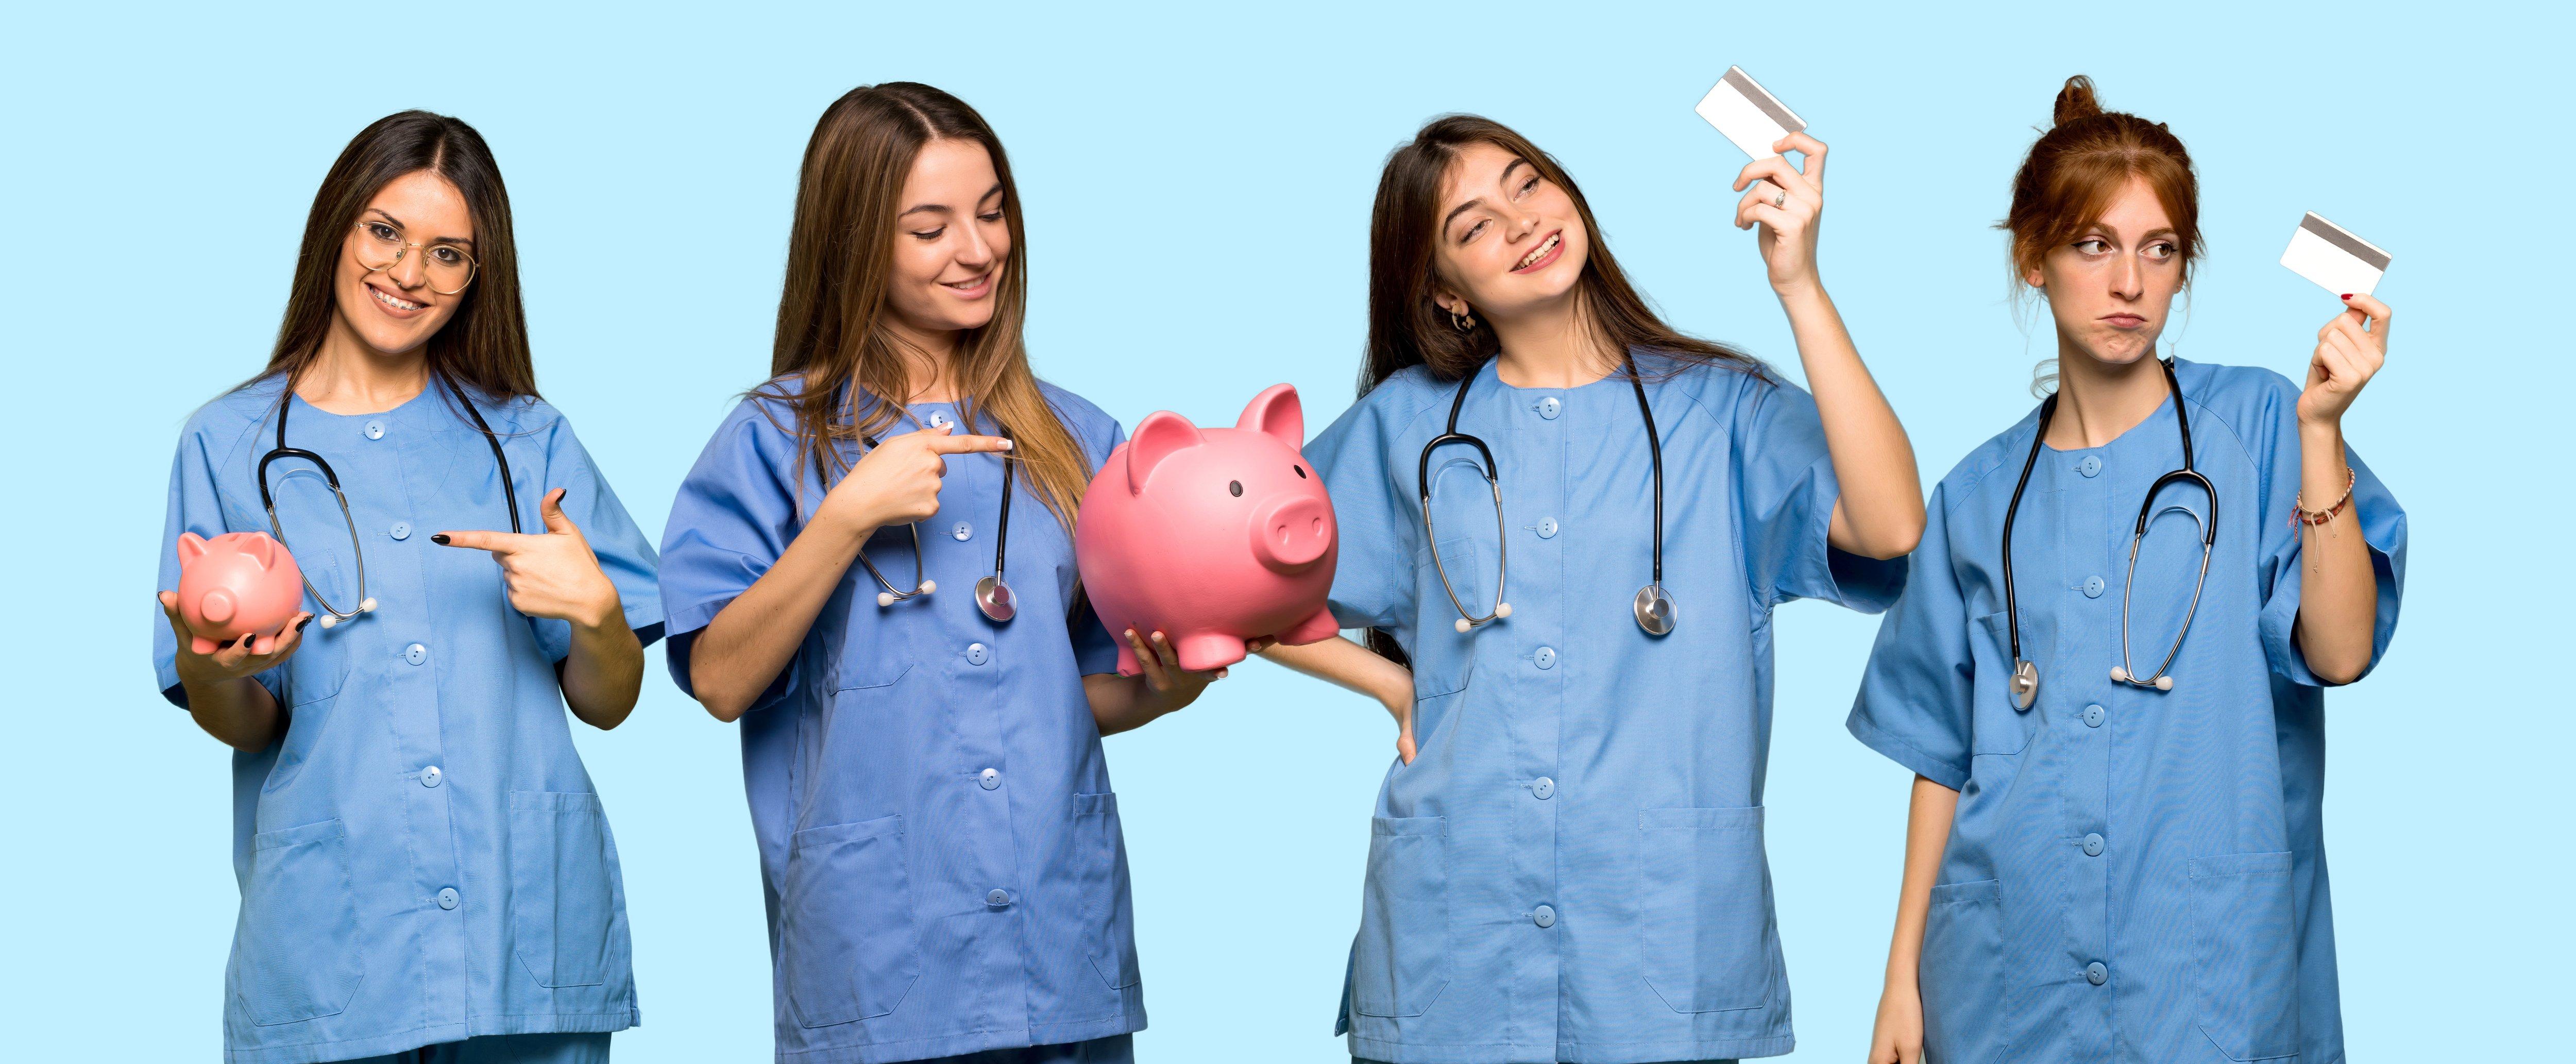 「ブランド・ヲタ活・貯金…」現役看護師が語る、ナースのお金事情。